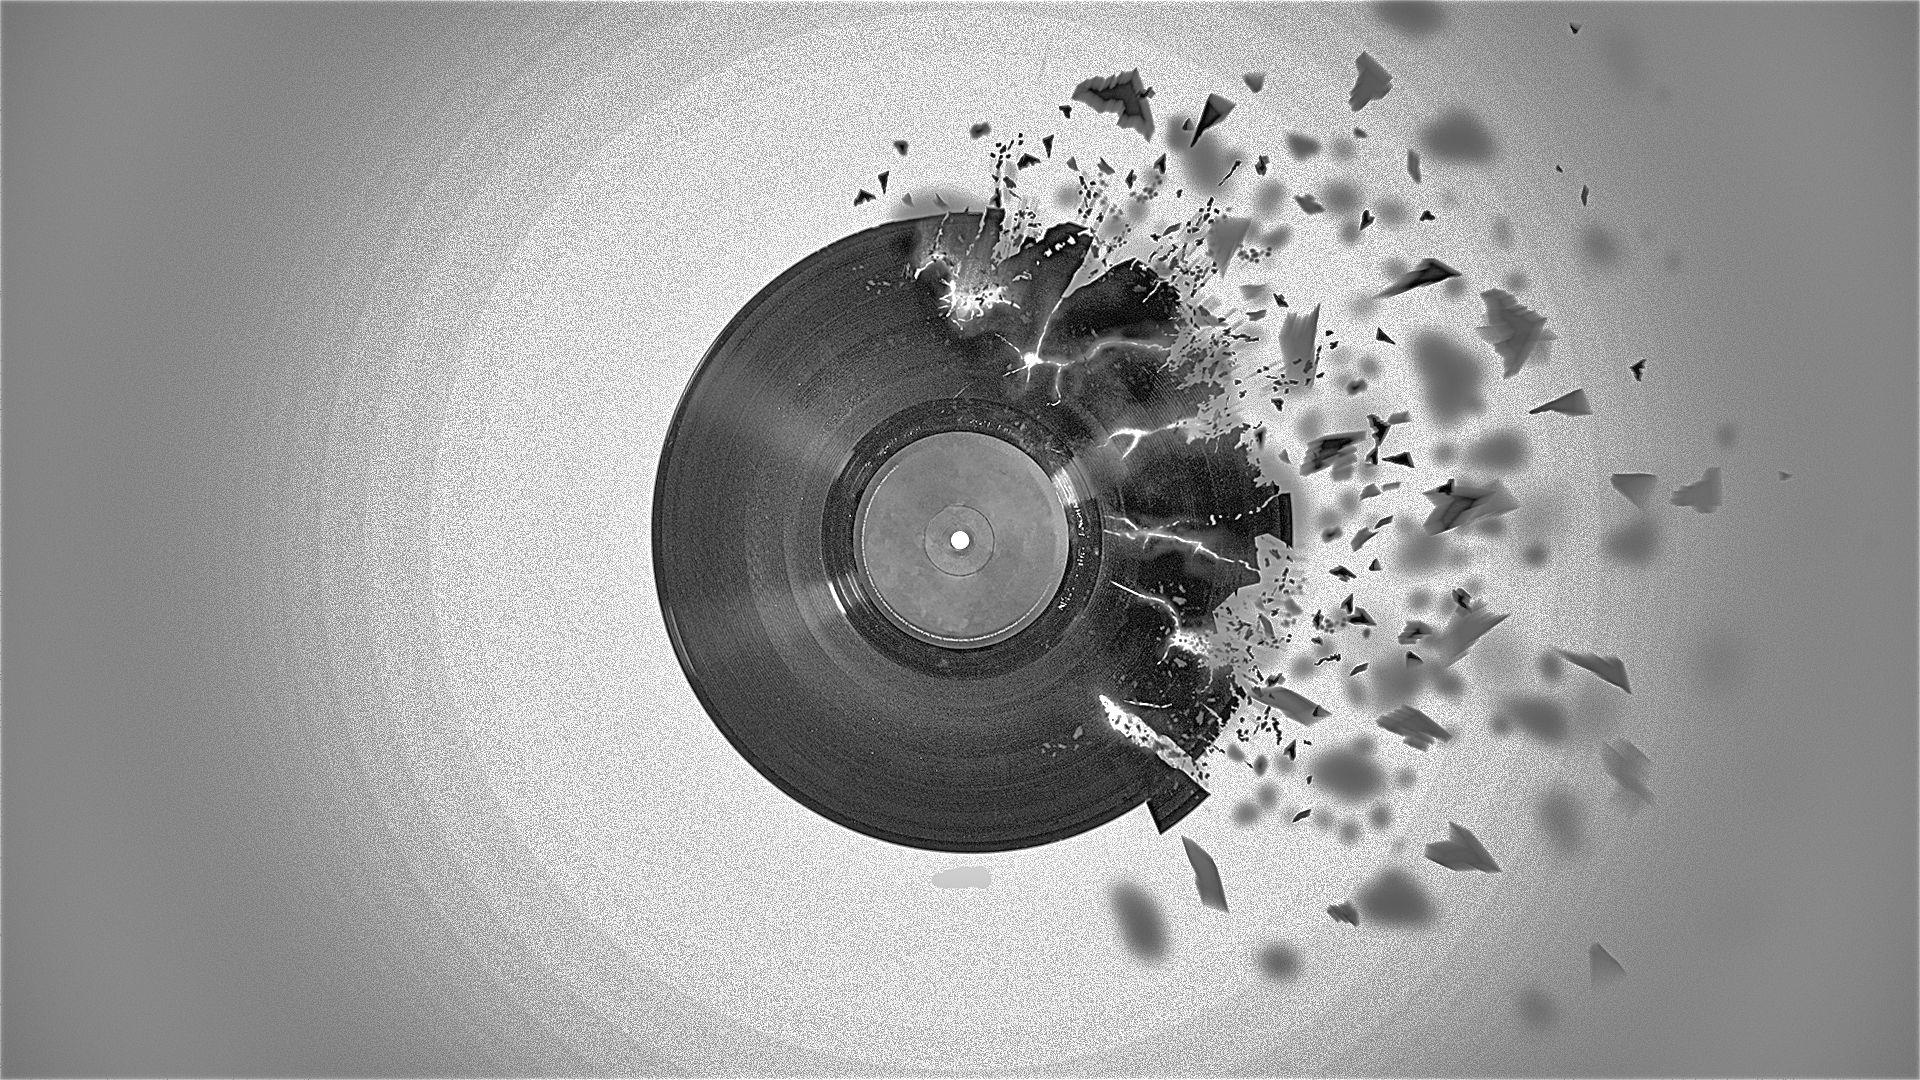 Broken Record Wallpaper 1920x1080 Broken Record Vinyl Shattered 1920x1080